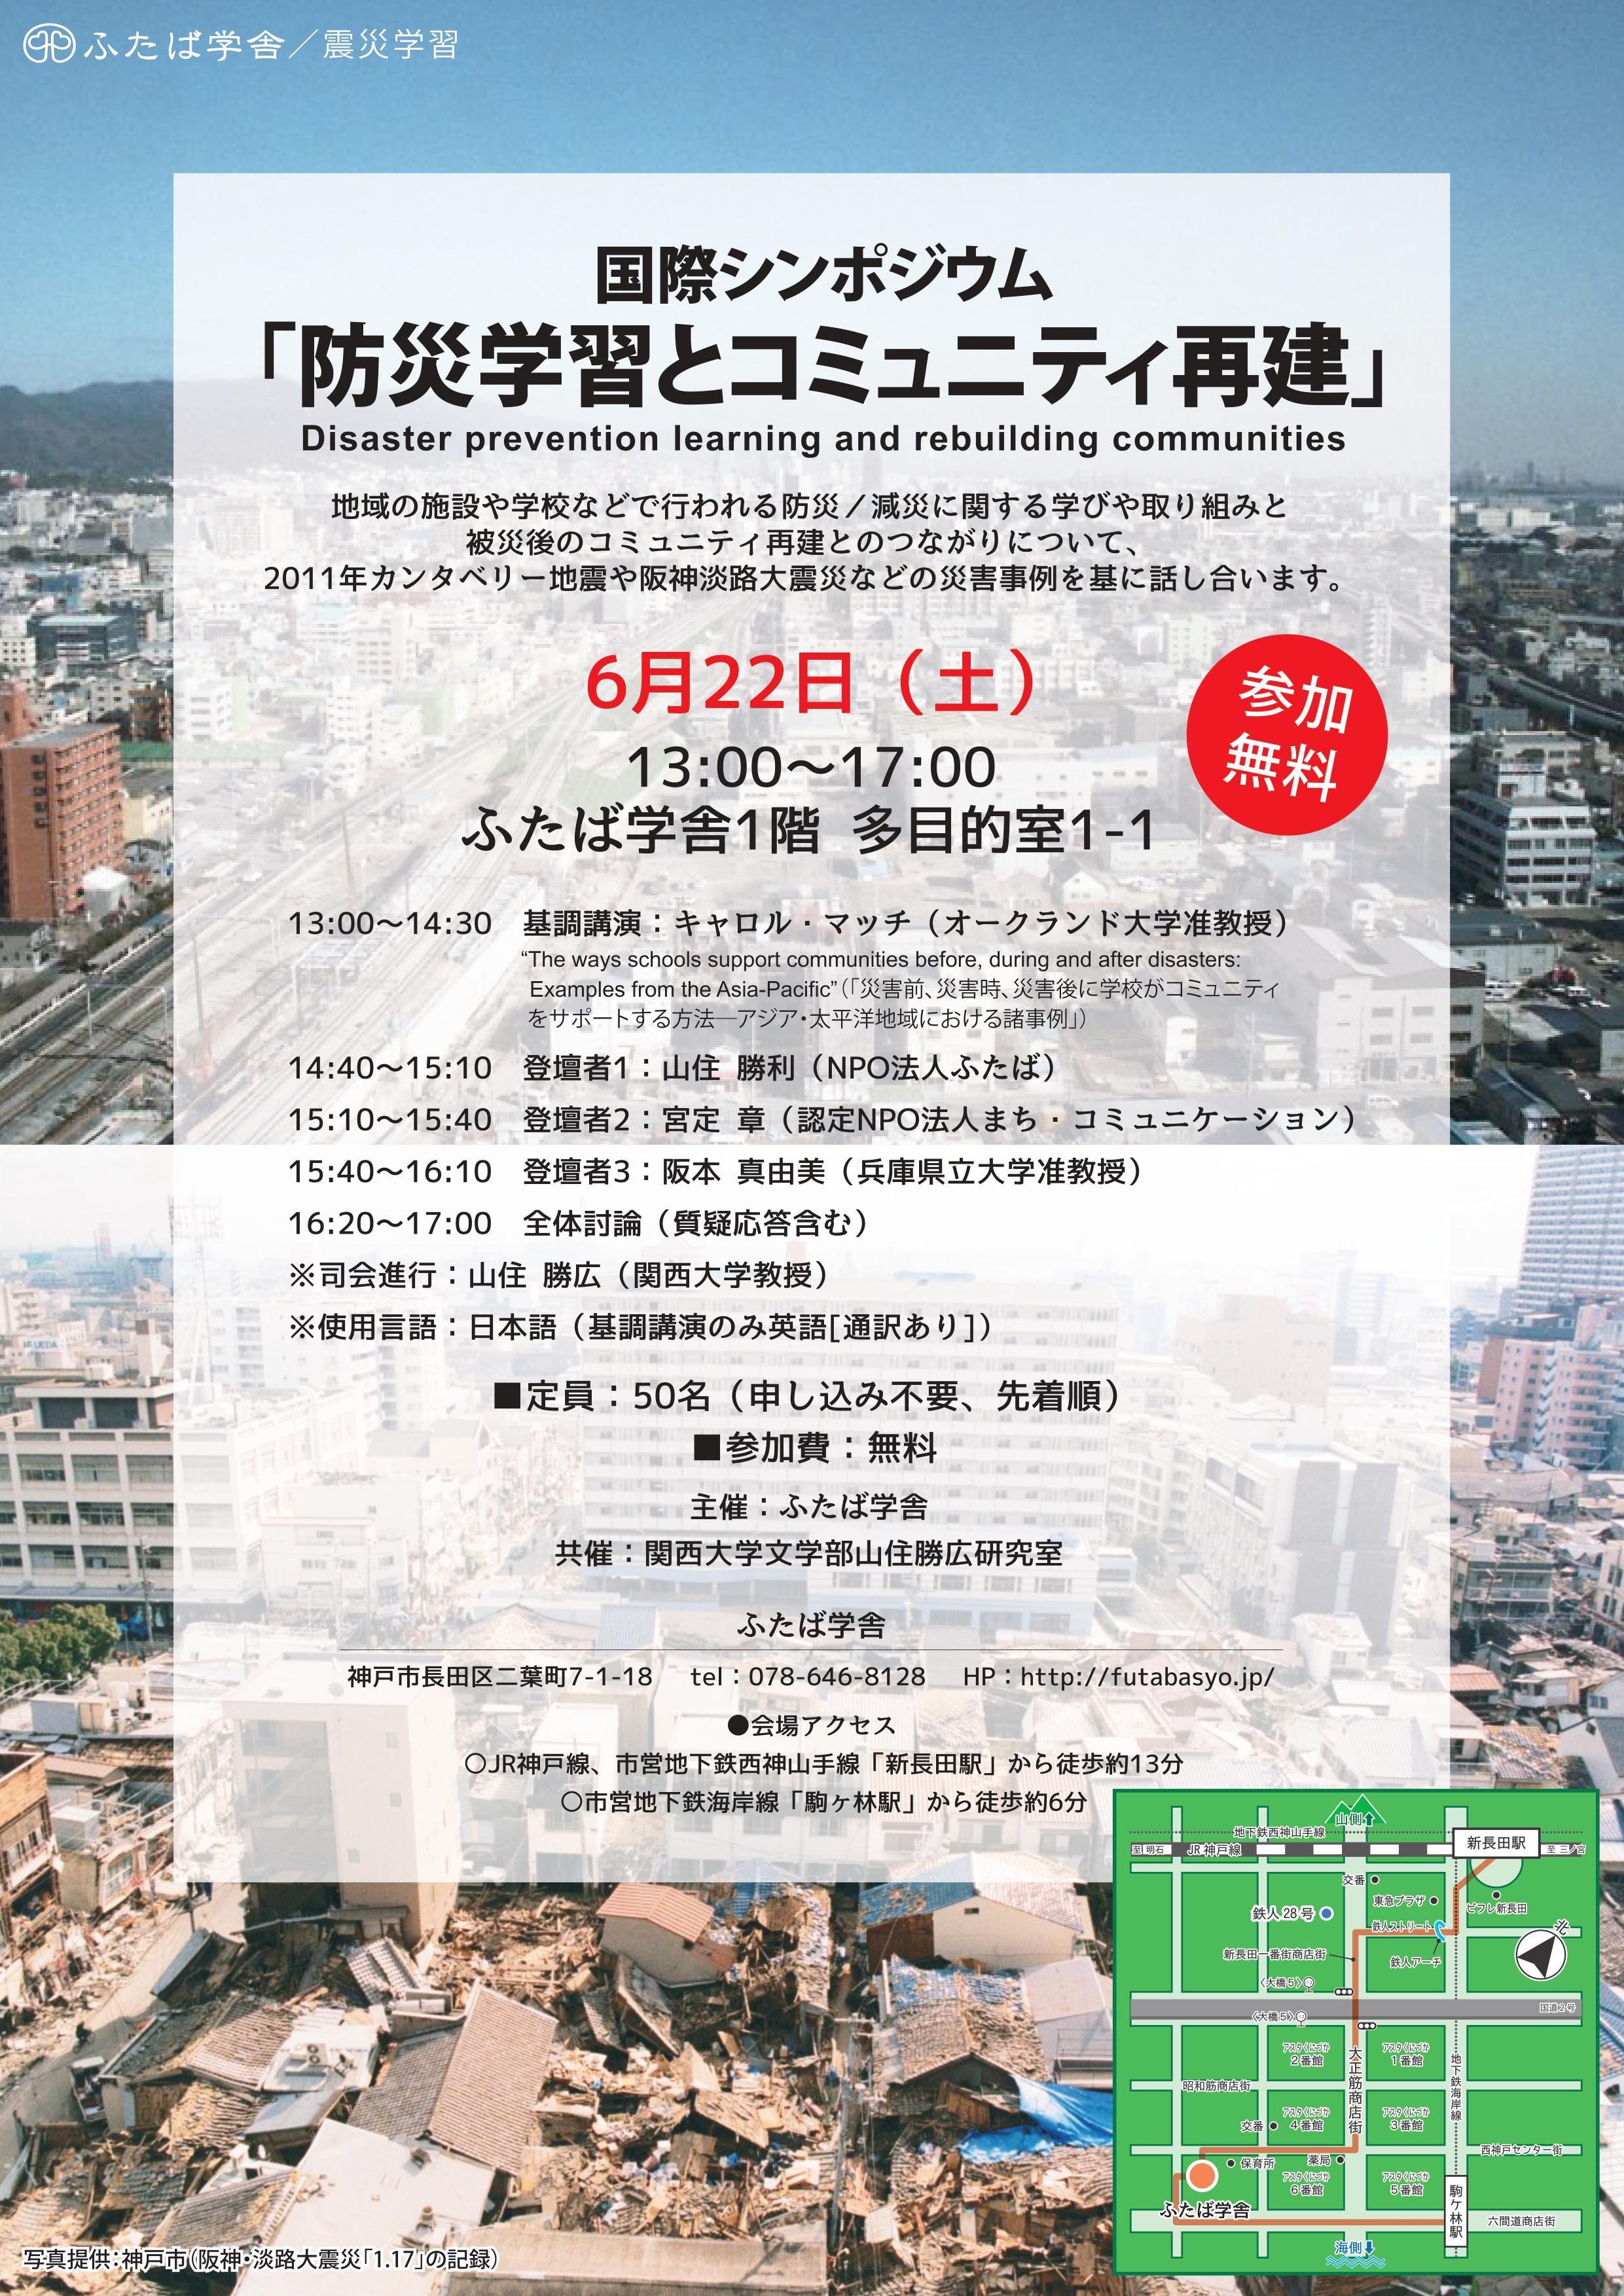 国際シンポジウム「防災学習とコミュニティ再建」 @ ふたば学舎1階 多目的室1-1